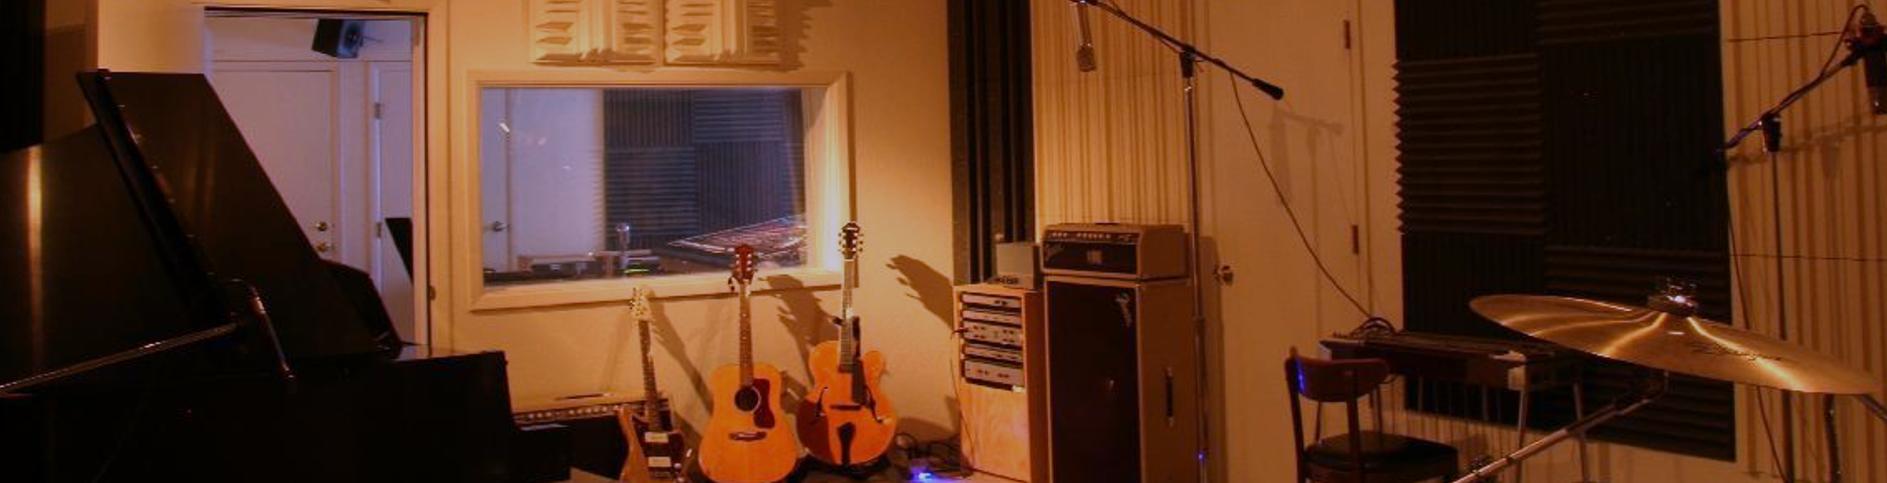 studioSlide